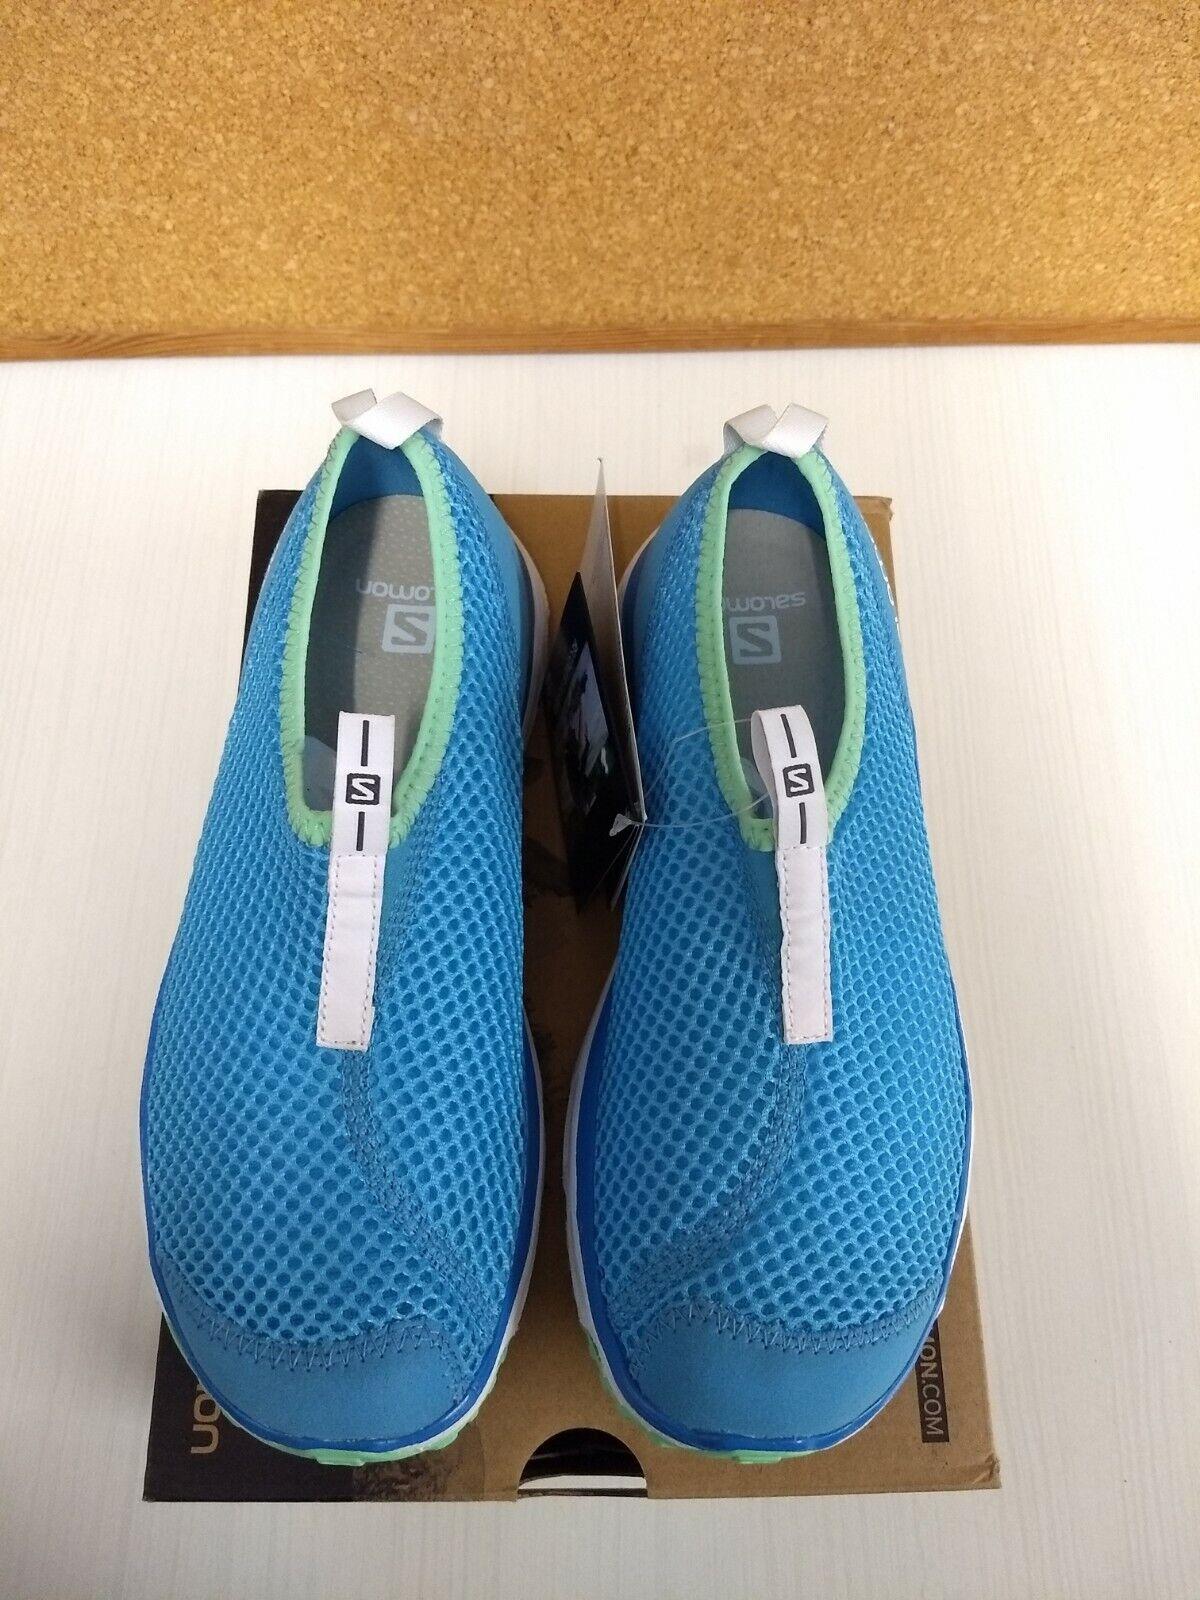 Nuevas zapatillas para mujer Salomon Rx Moc LDS Línea Azul  3 EE. UU. 7